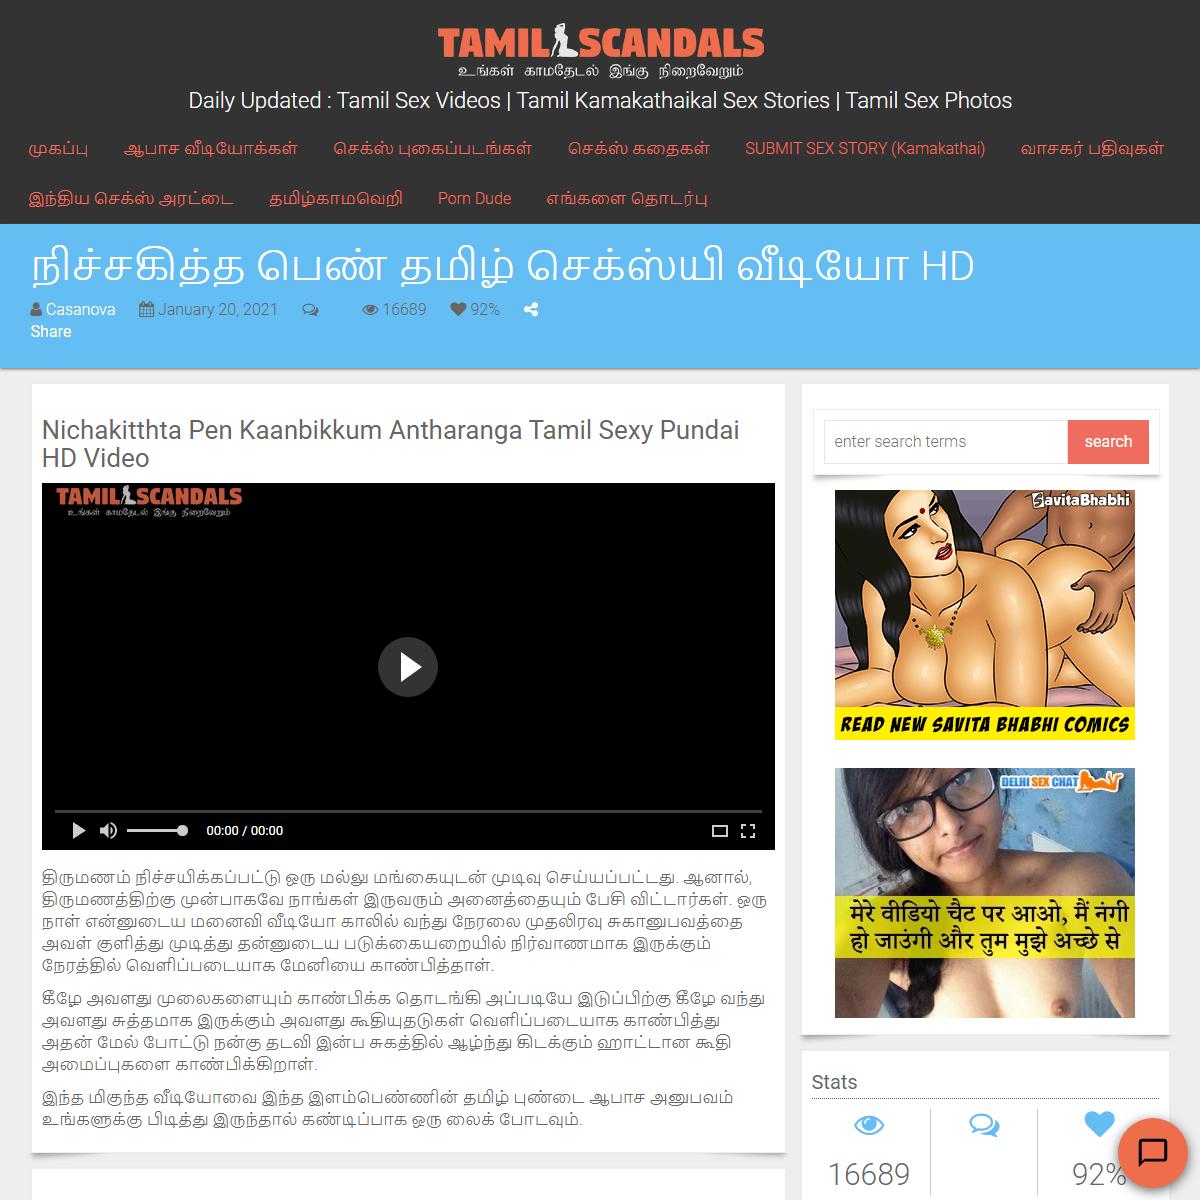 நிச்சகித்த பெண் தமிழ் செக்ஸ்யி வீடியோ HD - Tamil XXX Video